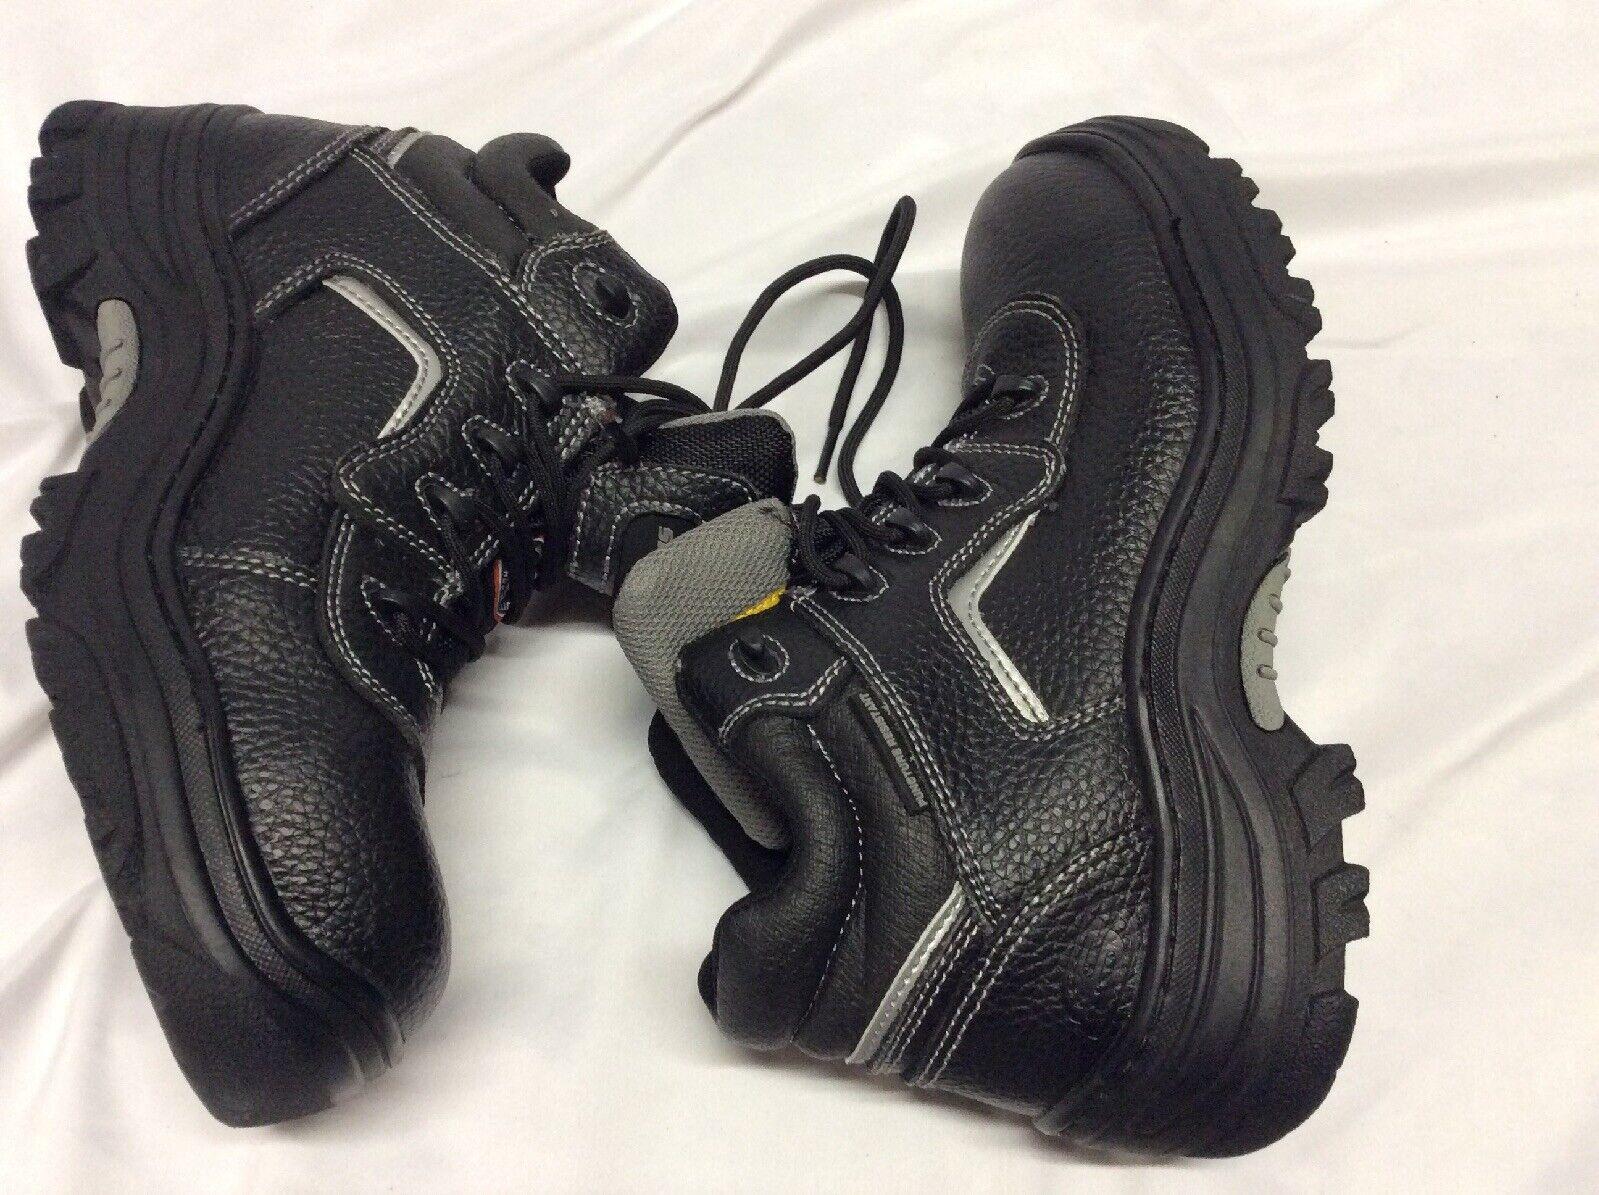 Skechers Men's WaterProof Work Boots Size 9 Steal toe.Aircooled Memory Foam.X1